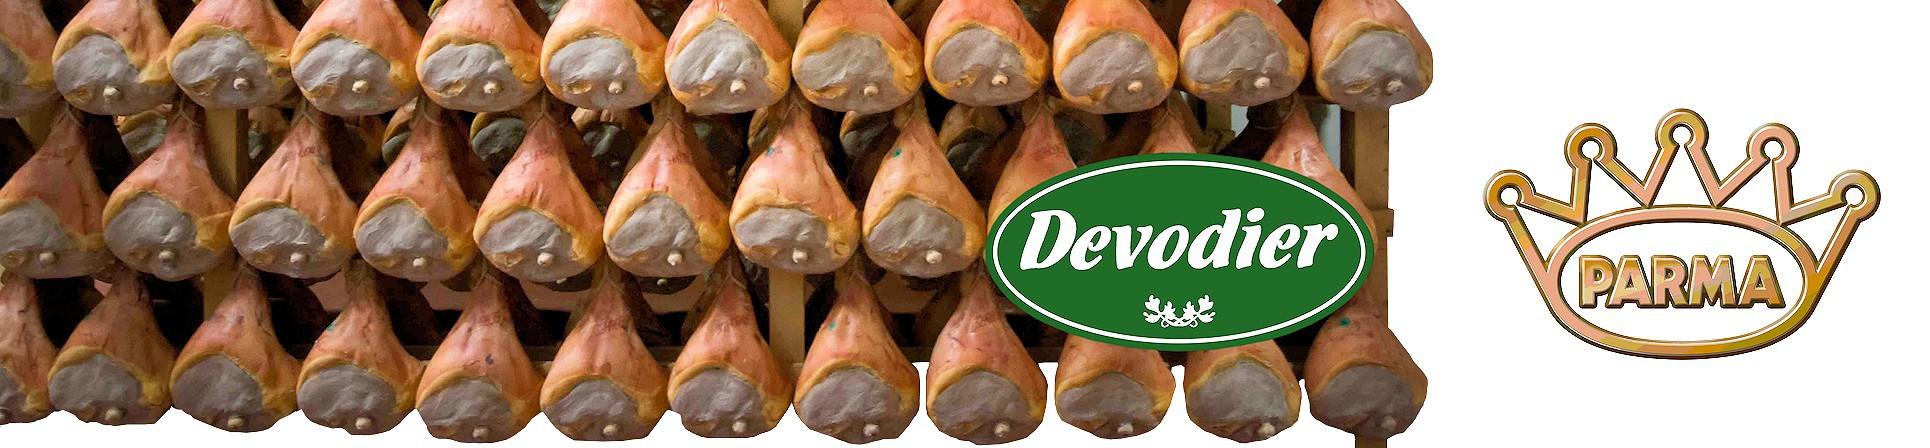 B2B GUSTOX - il Marketplace all'ingrosso delle eccellenze agroalimetari italiane - Prosciutto di Parma - DEVODIER